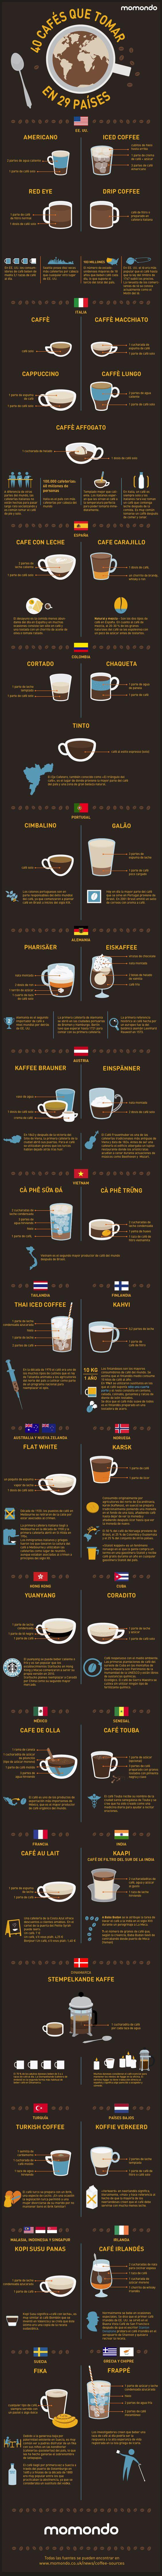 Con esta chuleta ya sabrás qué café pedir cuando viajes fuera de España (INFOGRAFÍA)